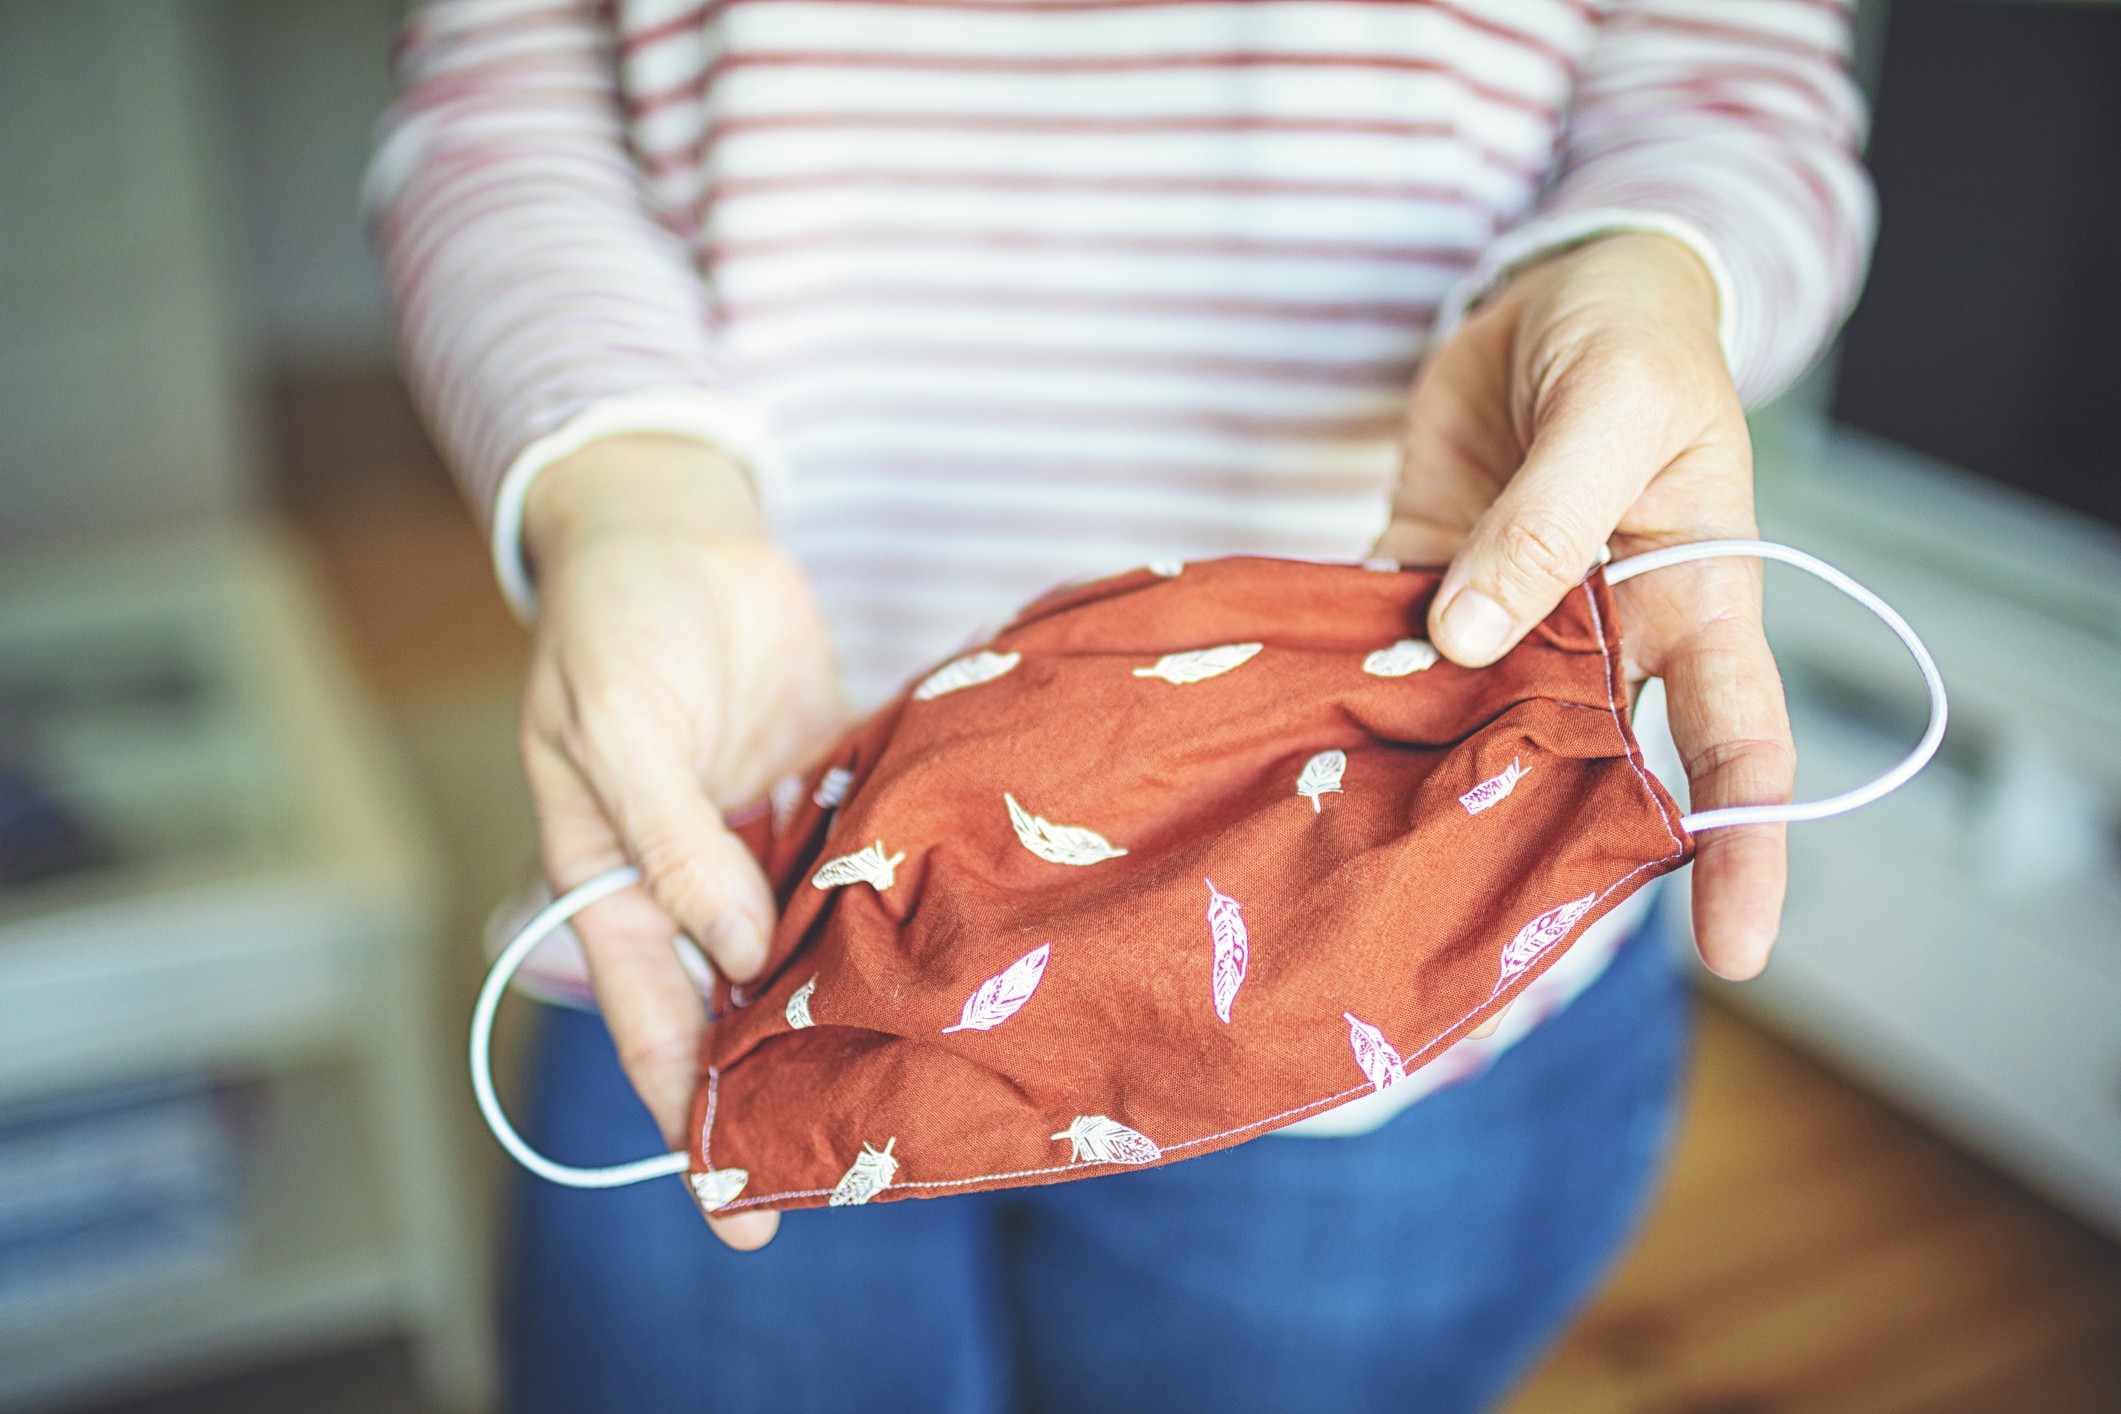 وزيرة الصناعة تبحث مع منتجى الملابس الجاهزة تصنيع الكمامات القماش